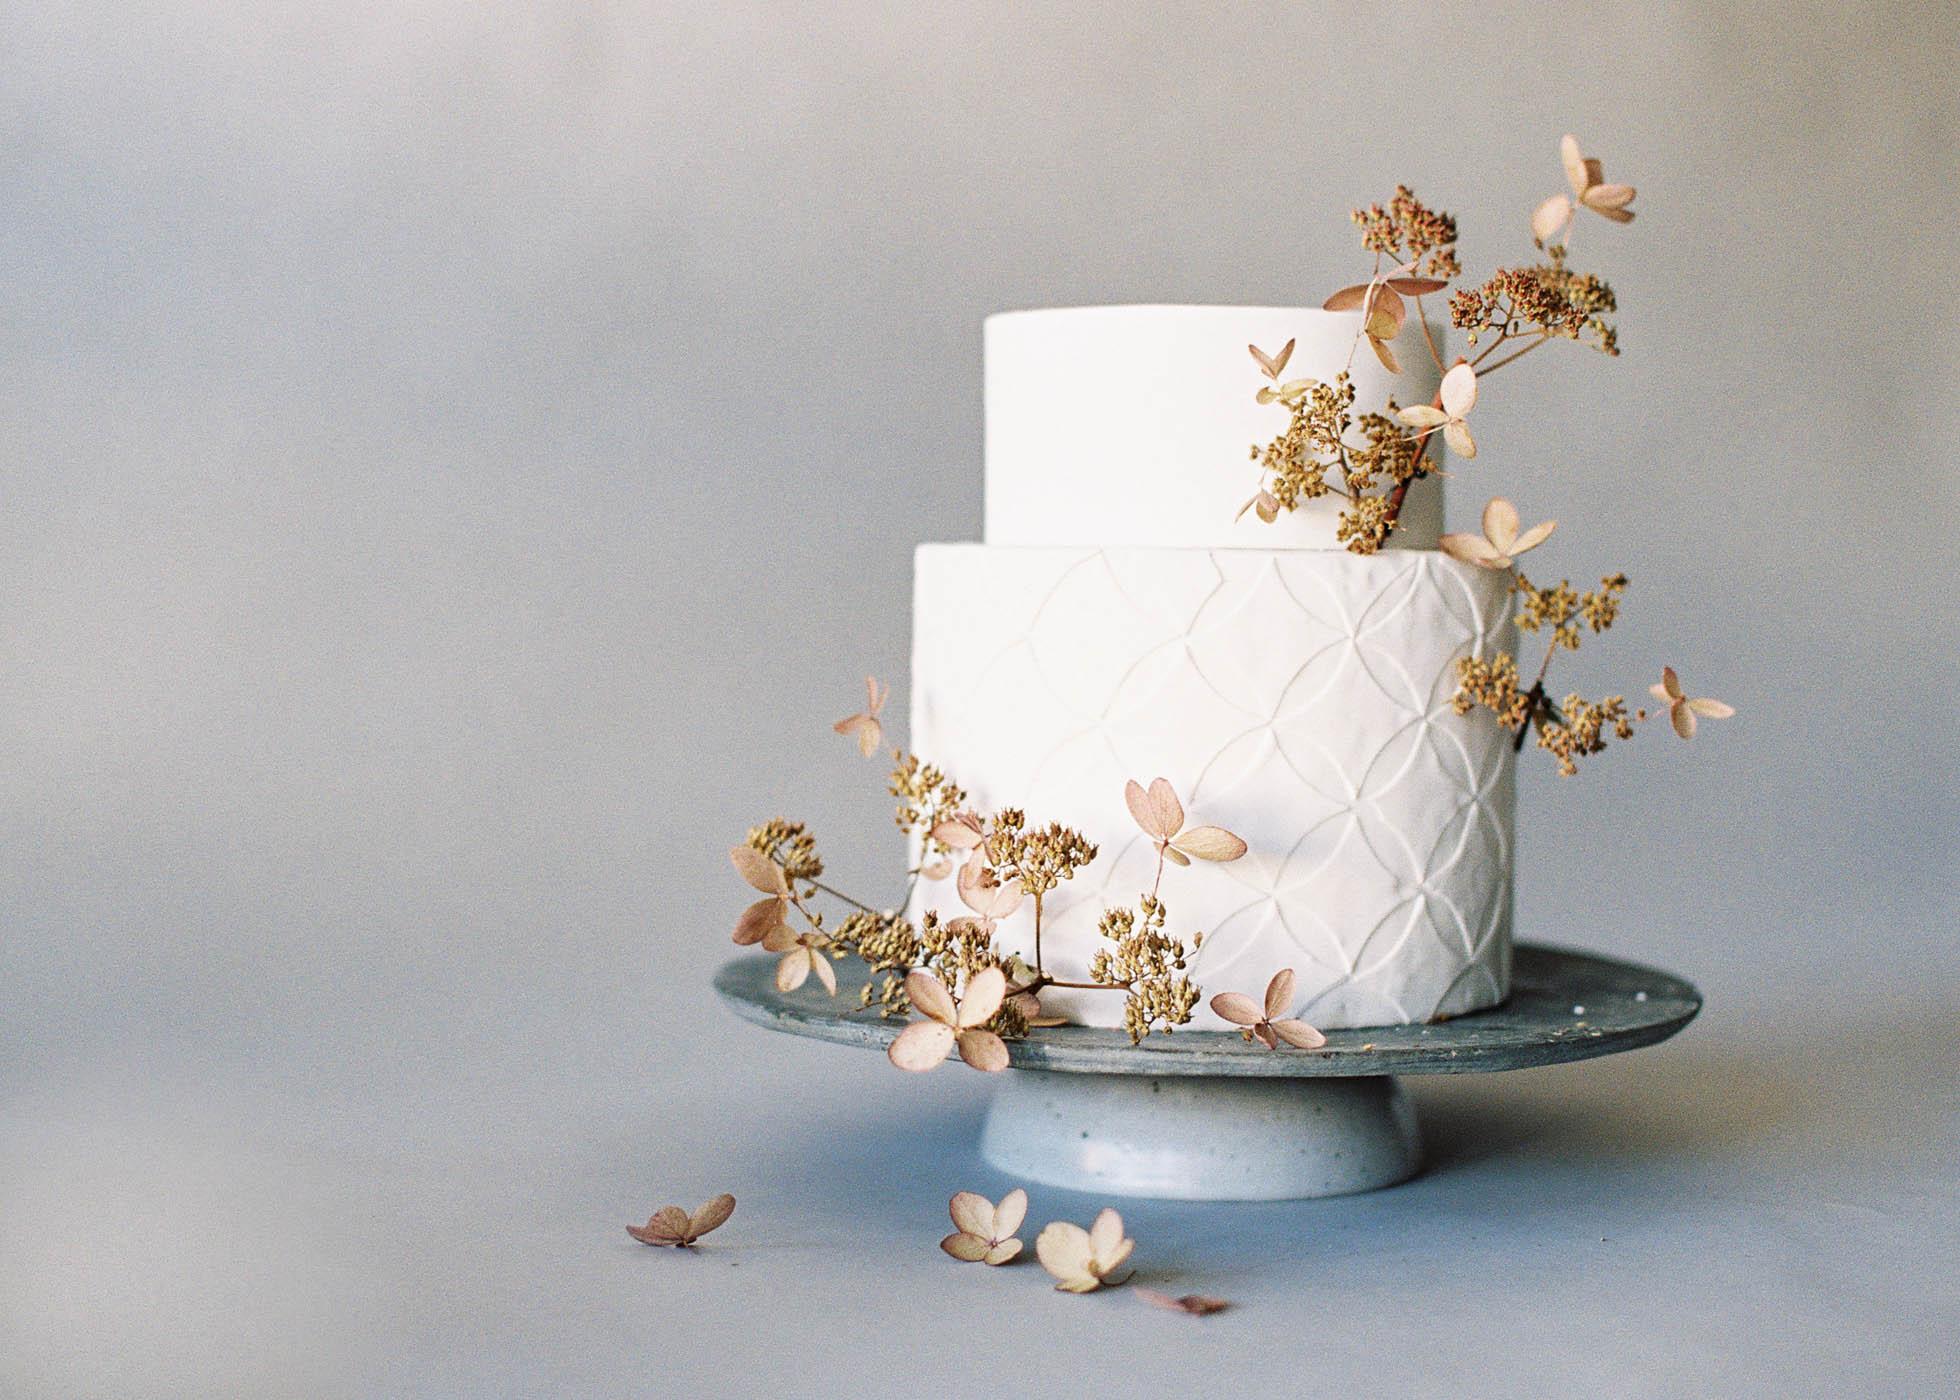 Cake-Favorites-5-Jen_Huang-000485-R1-021-9.jpg